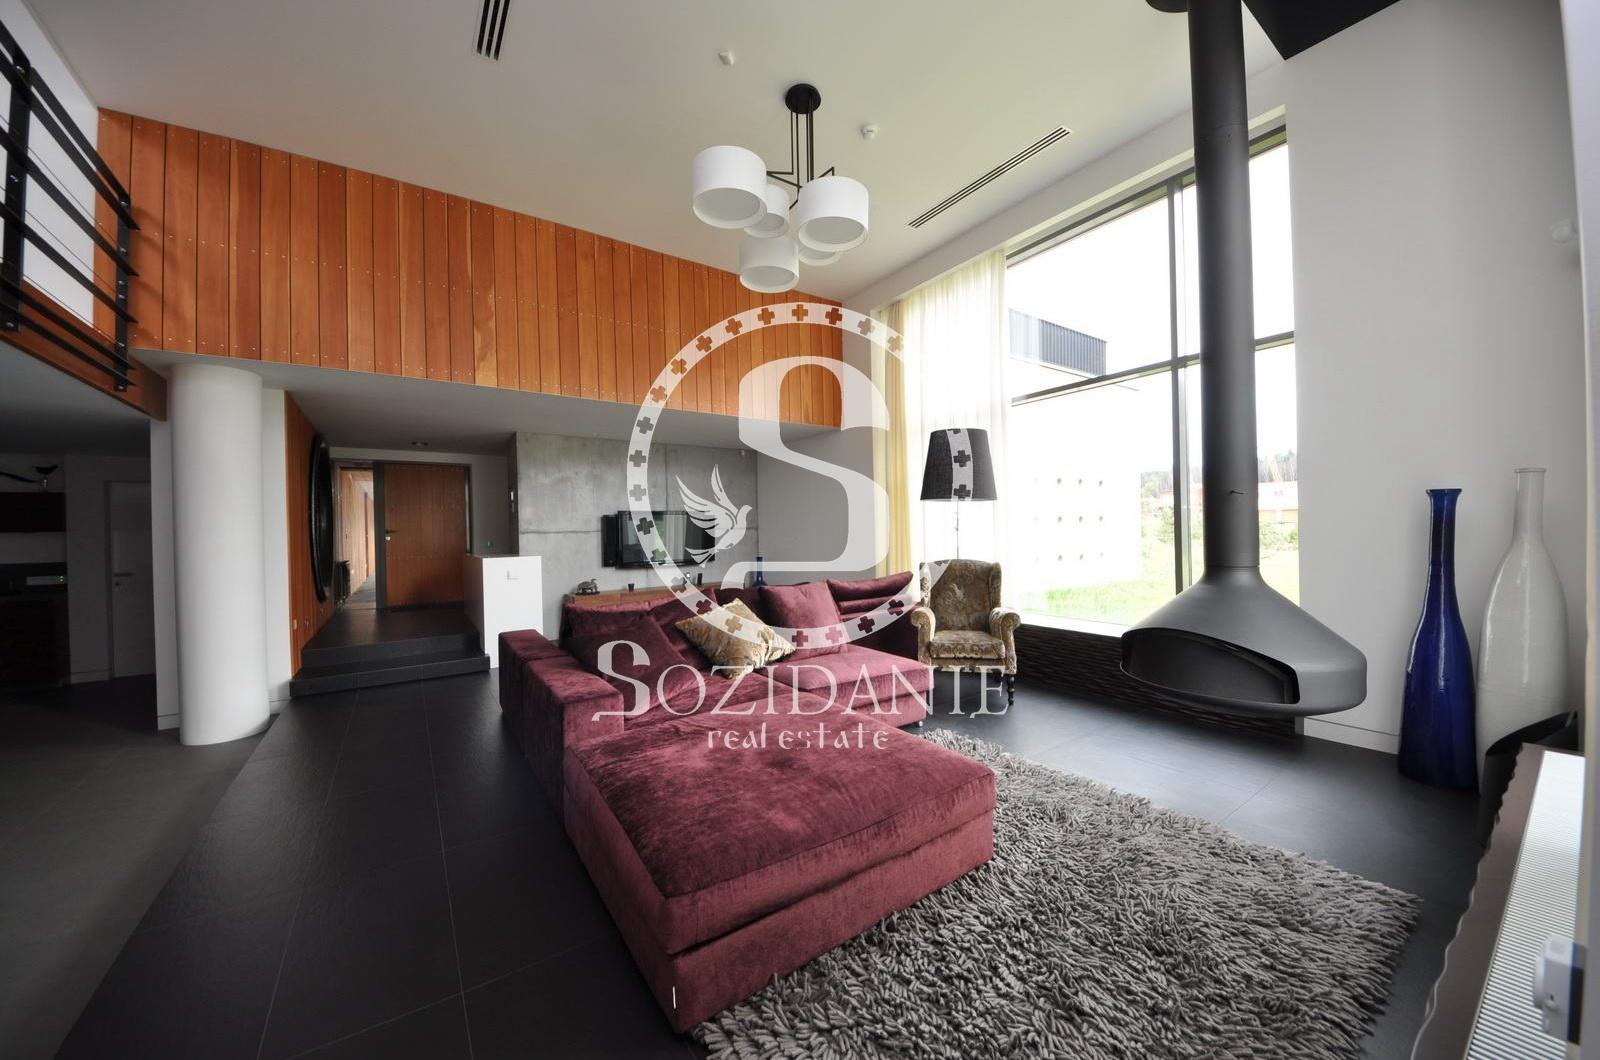 4 Bedrooms, Загородная, Продажа, Listing ID 1367, Московская область, Россия,